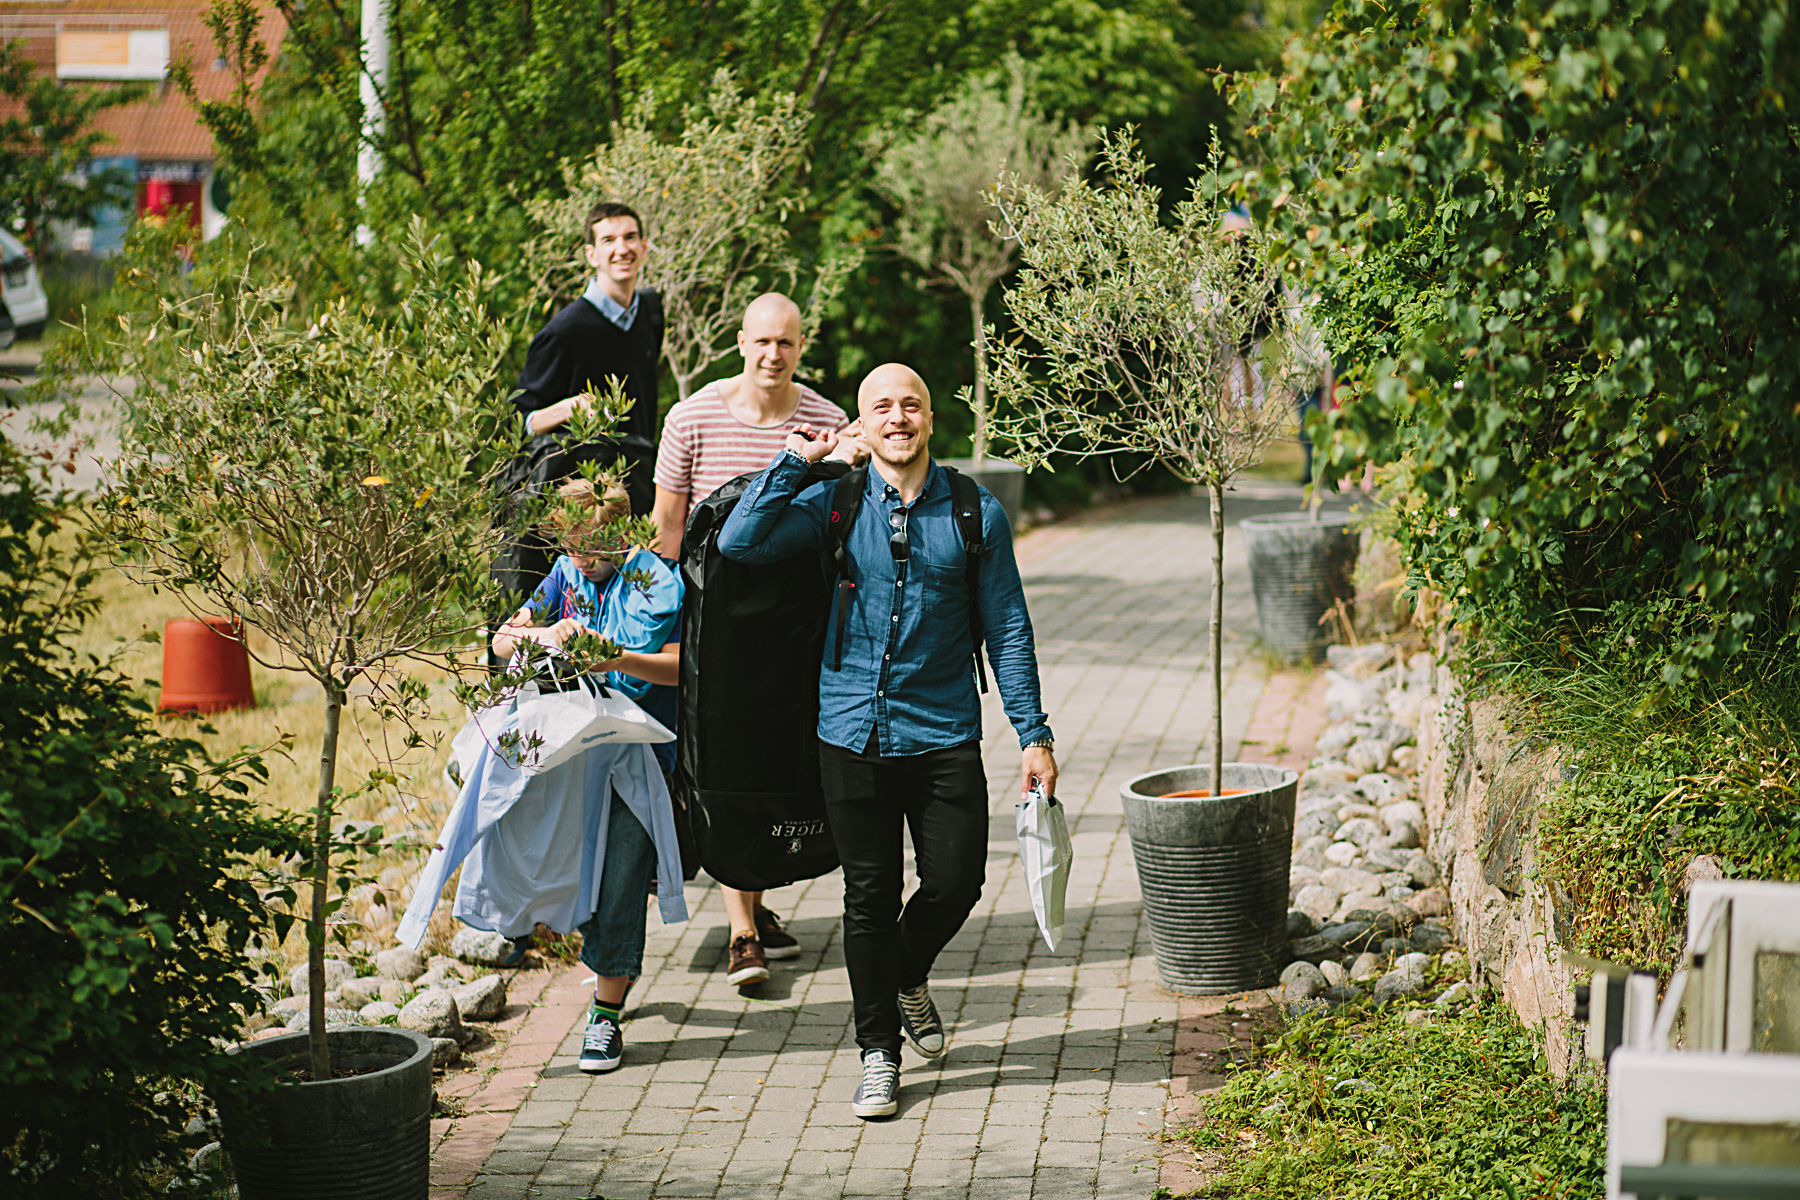 brudgummen anländer till hotellet